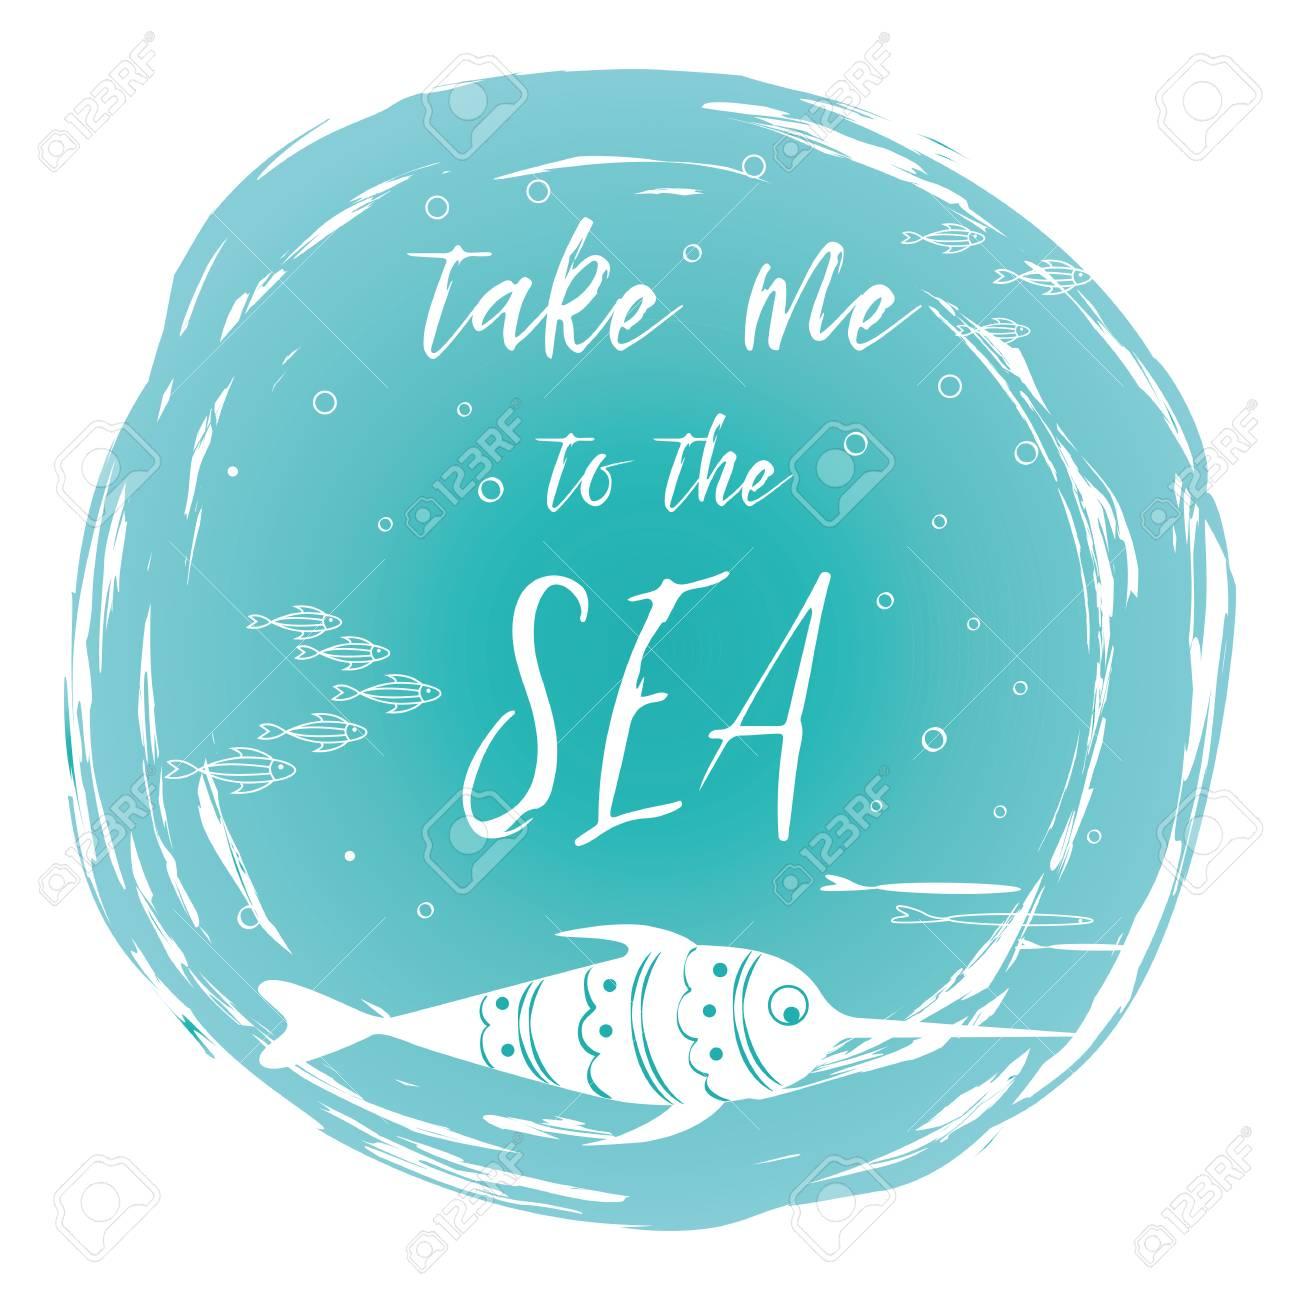 Cartaz Do Mar Com Frase De Peixe Do Mar Leve Me Para O Mar No Lugar Turquesa Vector Tipográficas Bandeira Inspiradora Citação